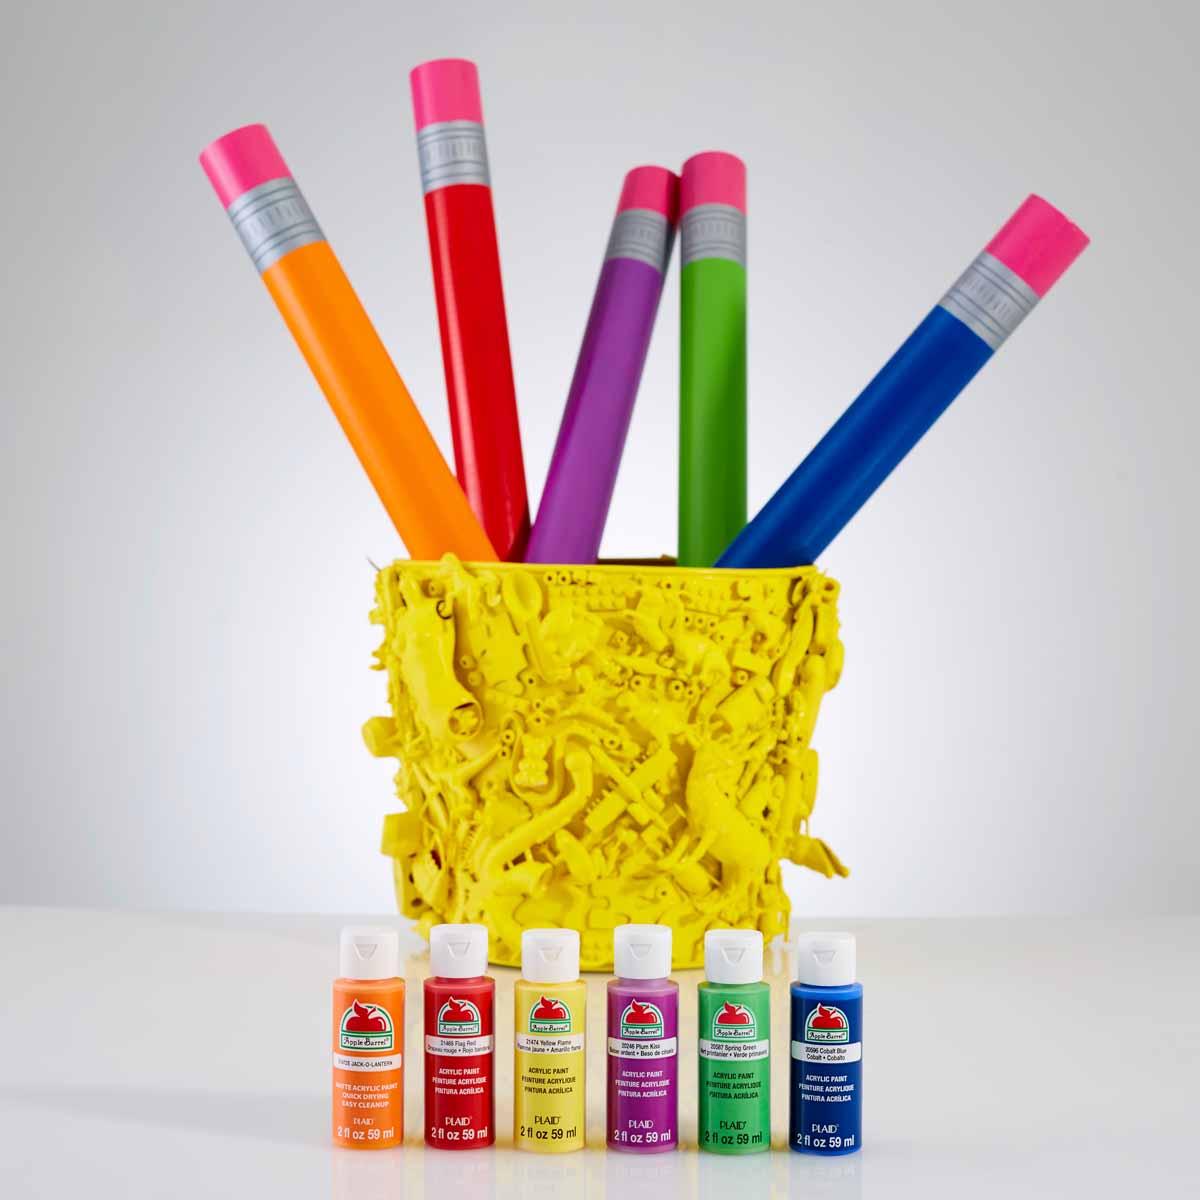 Apple Barrel Pencils and Pencil Holder